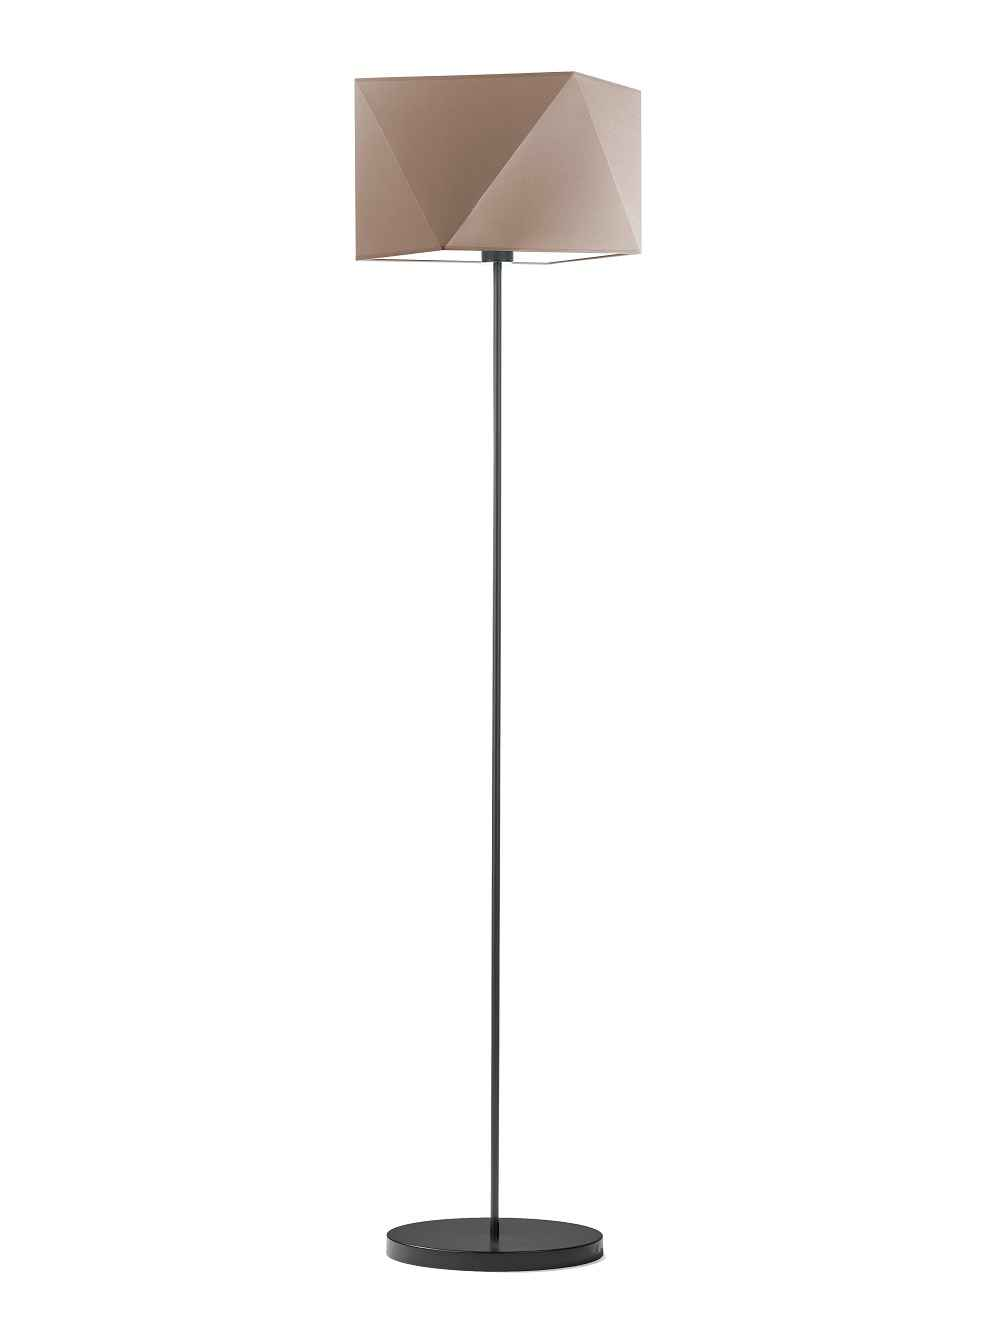 Lampa stojąca abażurowa diament BURNE! Częstochowa - zdjęcie 6